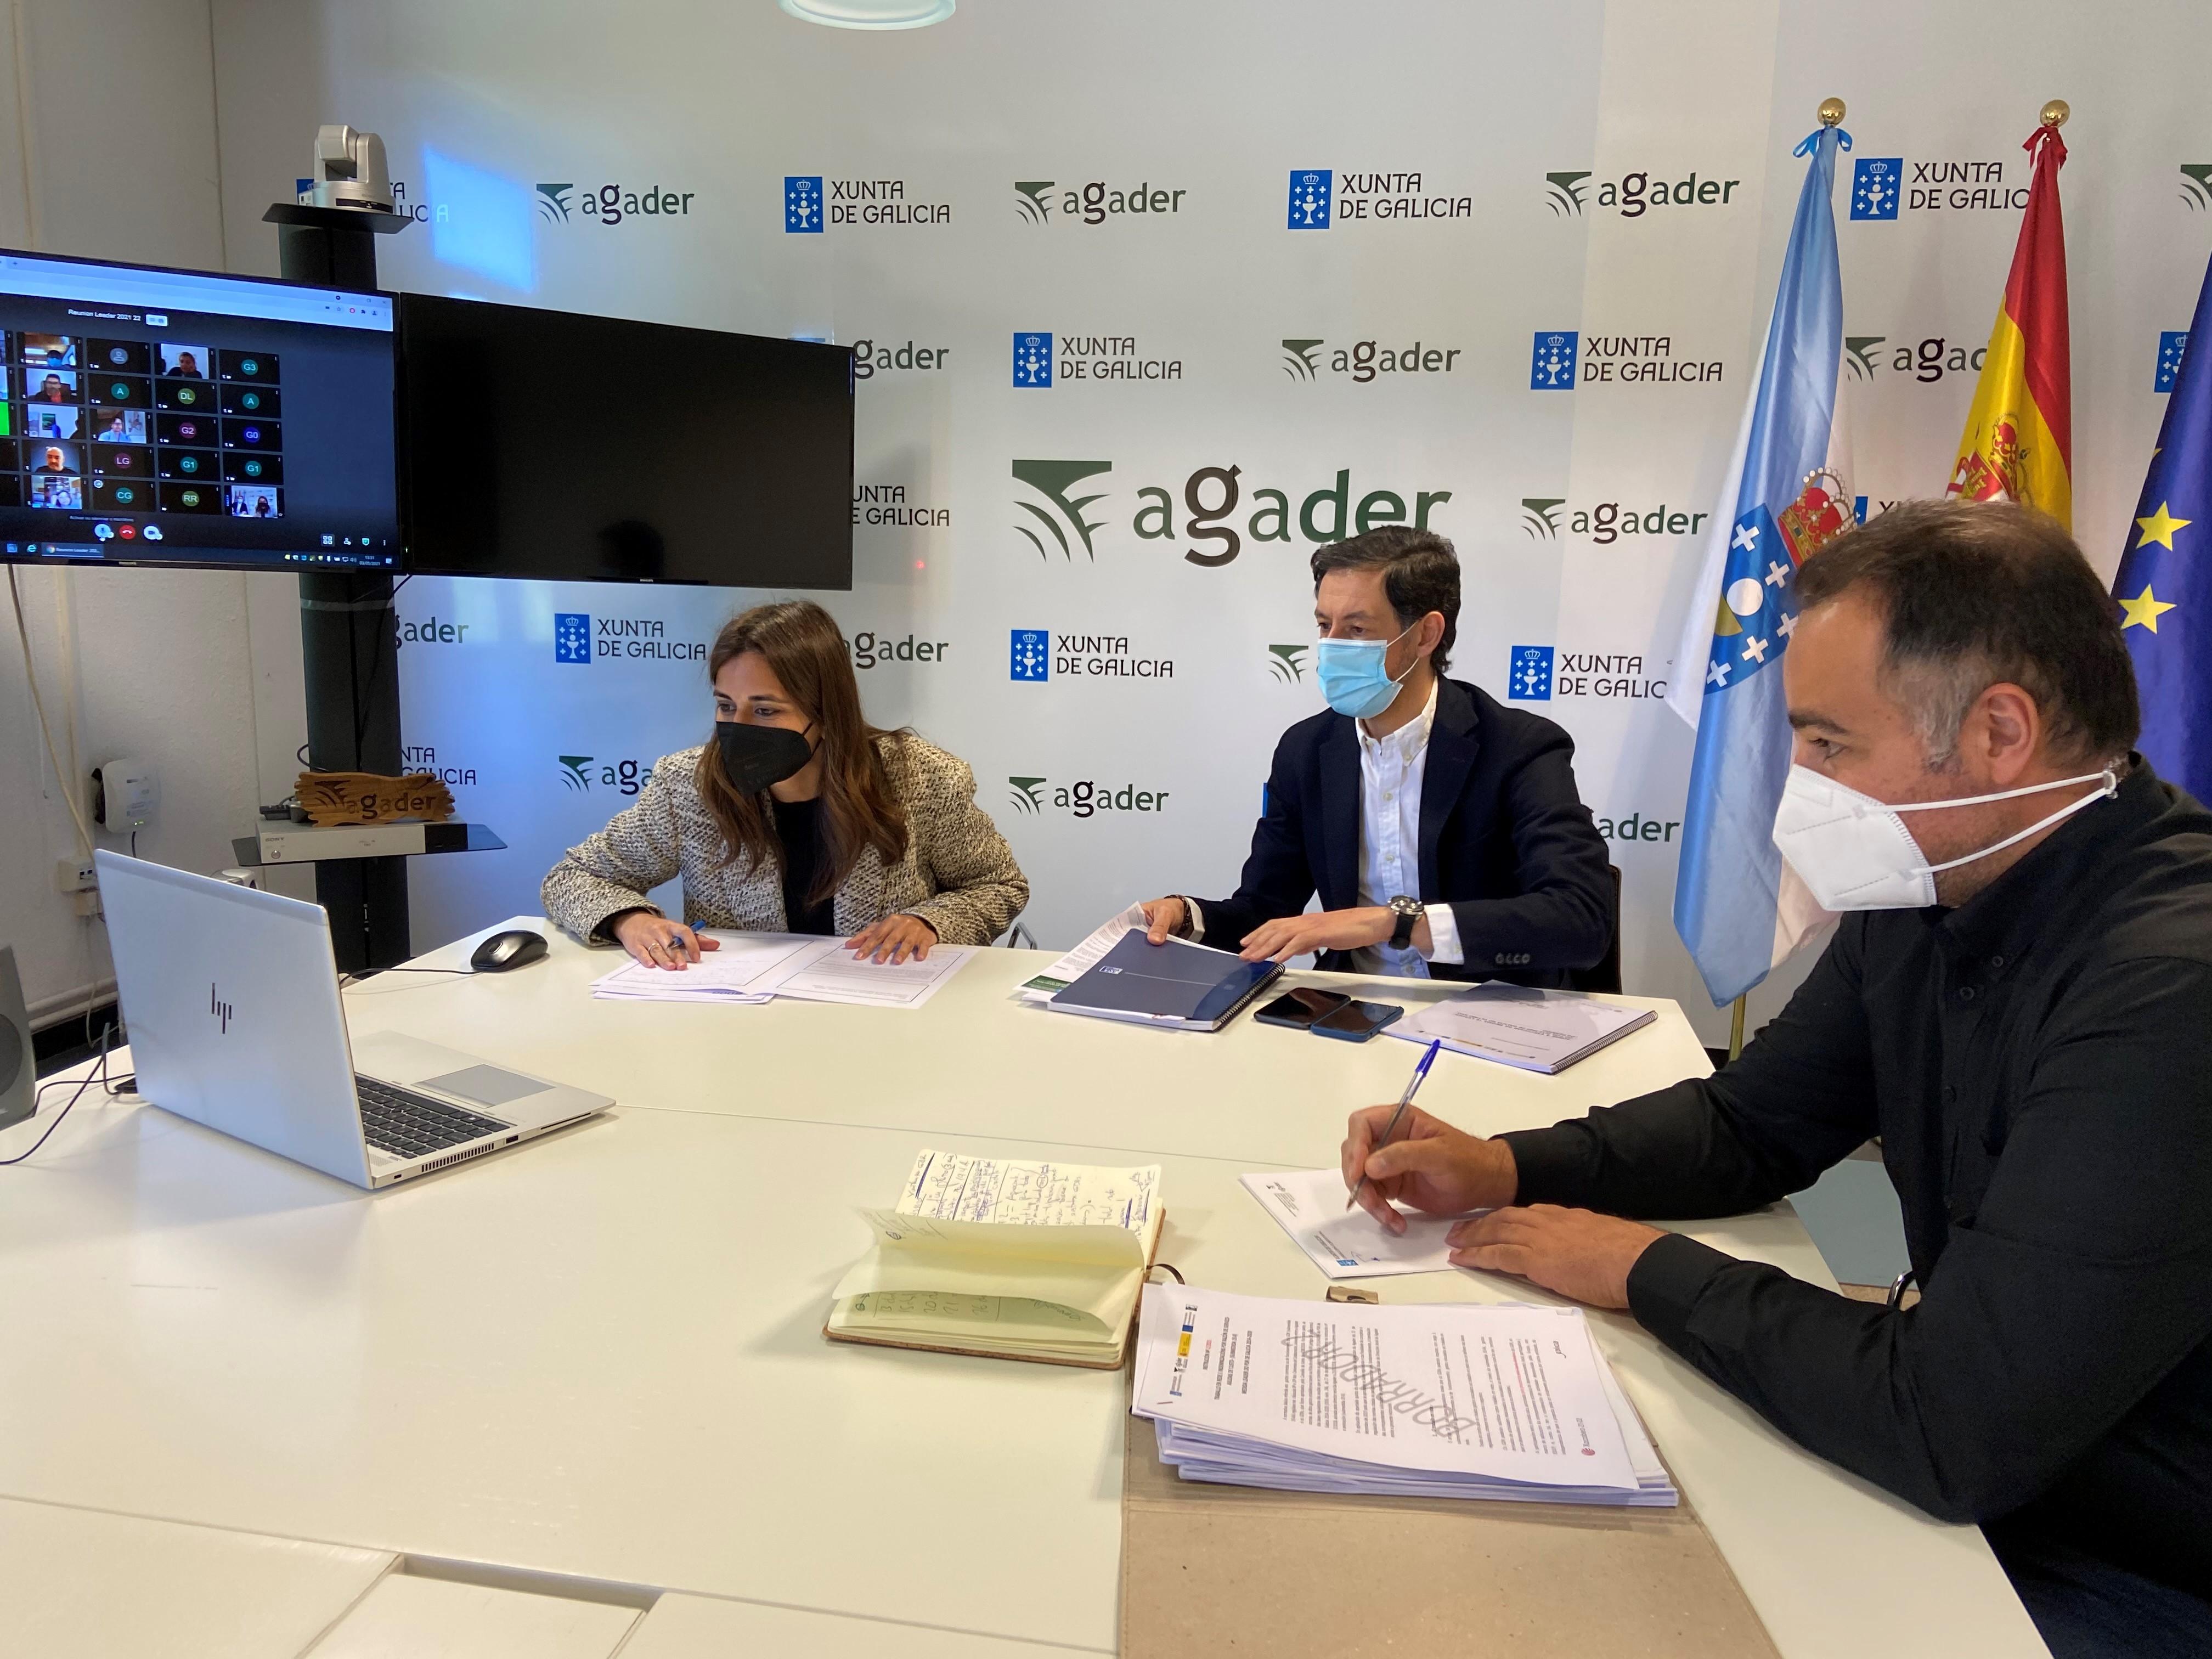 A Xunta convoca as axudas do Plan Leader cun orzamento de 13 millóns de euros para 2021 e 2022 co fin de dinamizar o agro galego a través dos 24 grupos de desenvolvemento rural